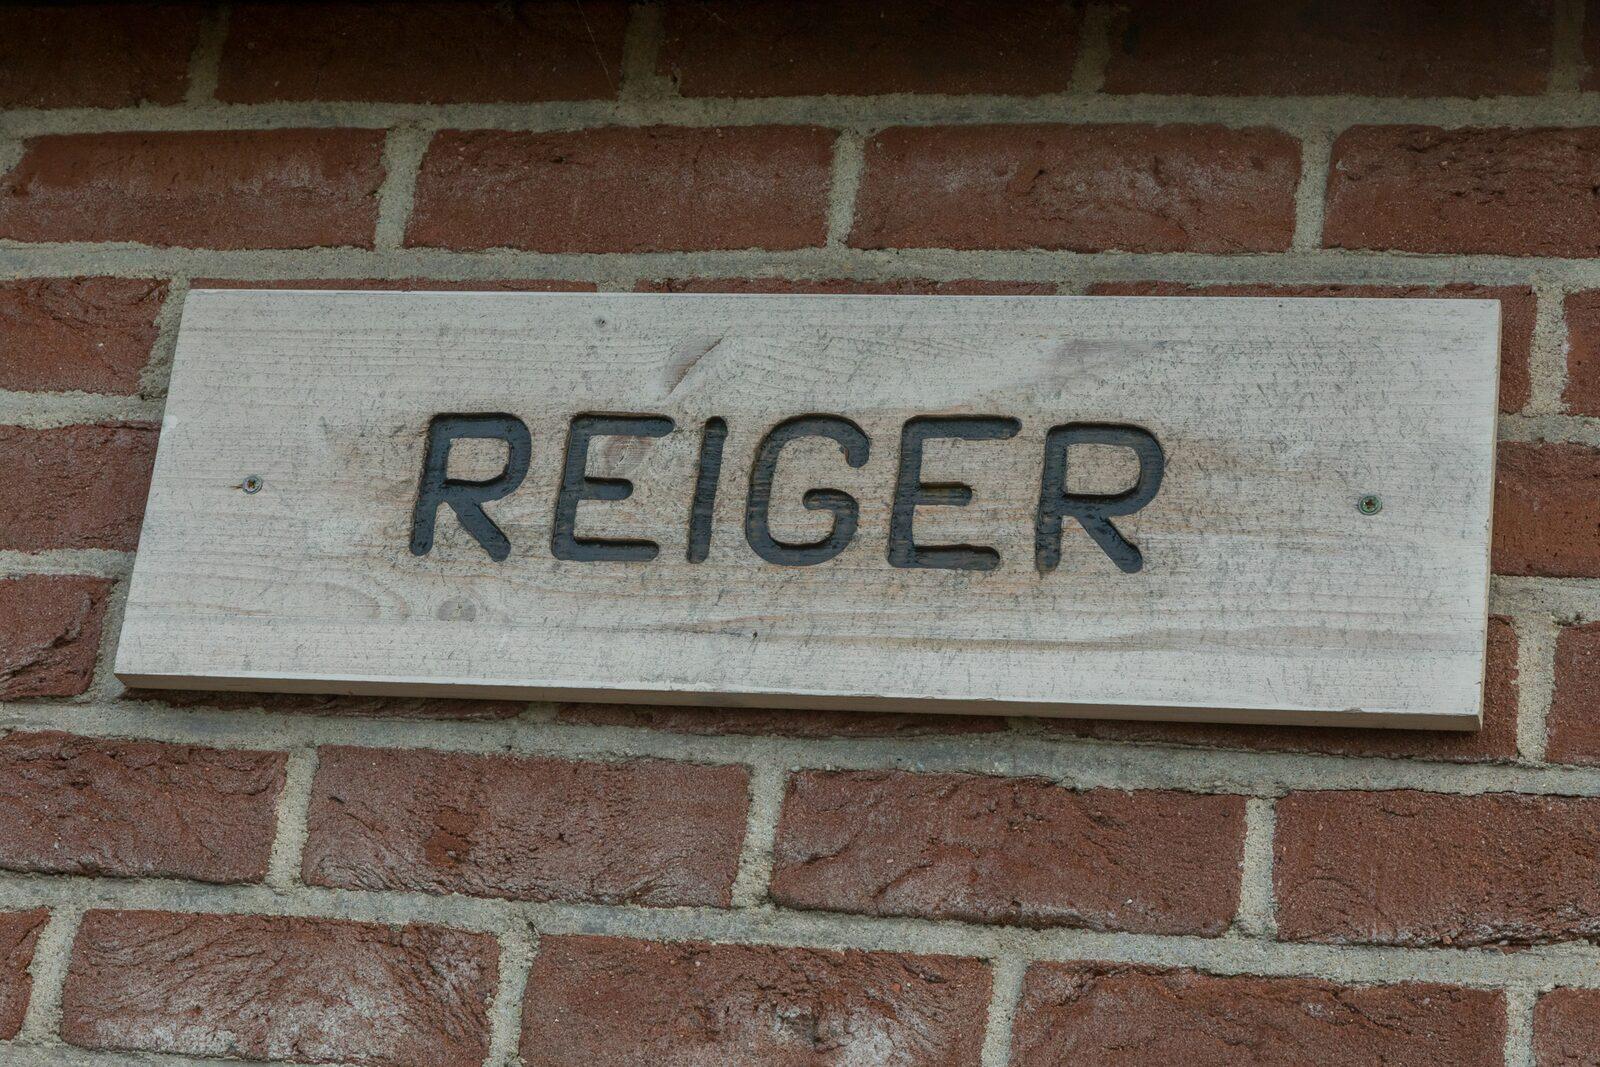 Ferienhaus - Oostkapelsweg 32 | Serooskerke 'Reigertje'